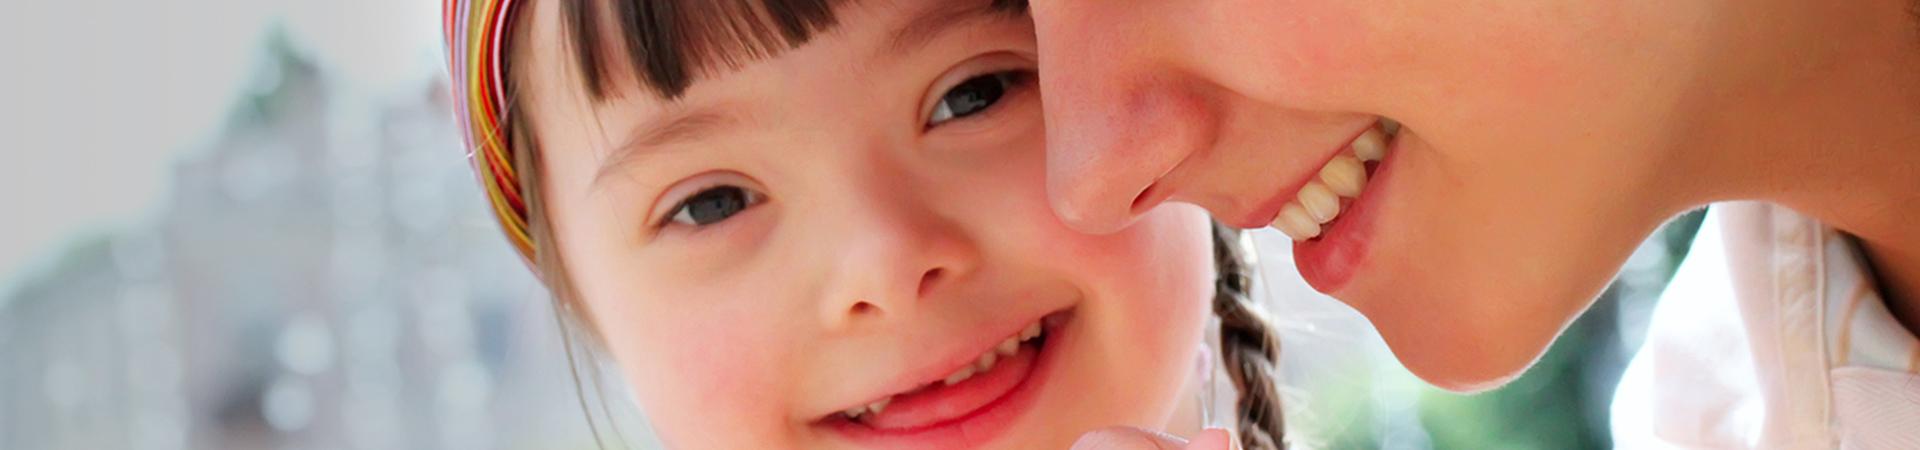 Criança com sindrome de down